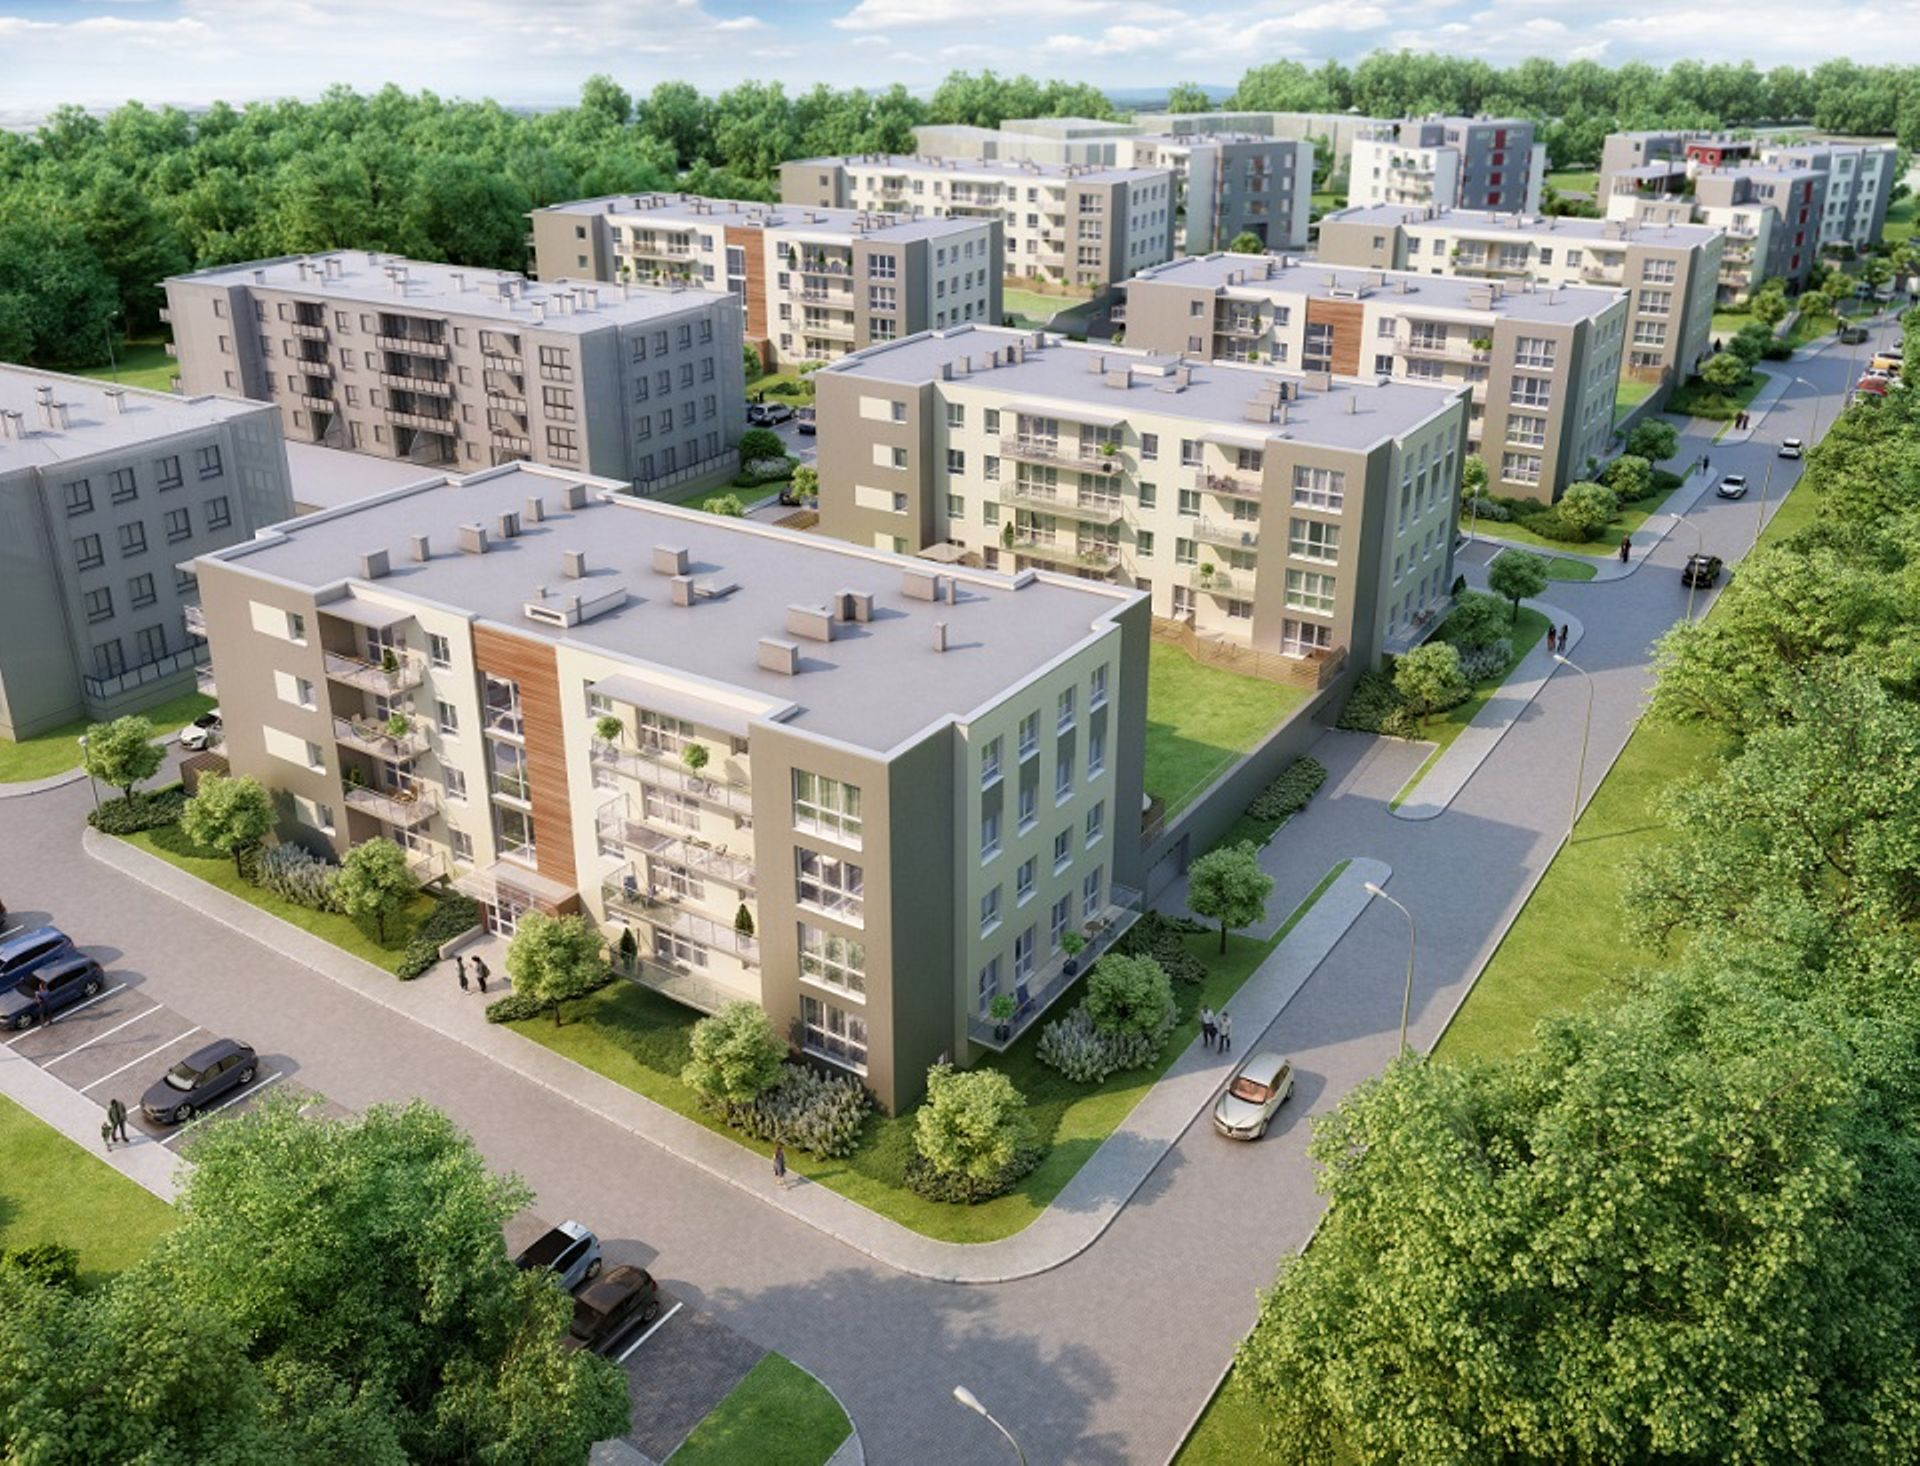 [Zielona Góra] Budowa osiedla Green Home w Zielonej Górze w połowie